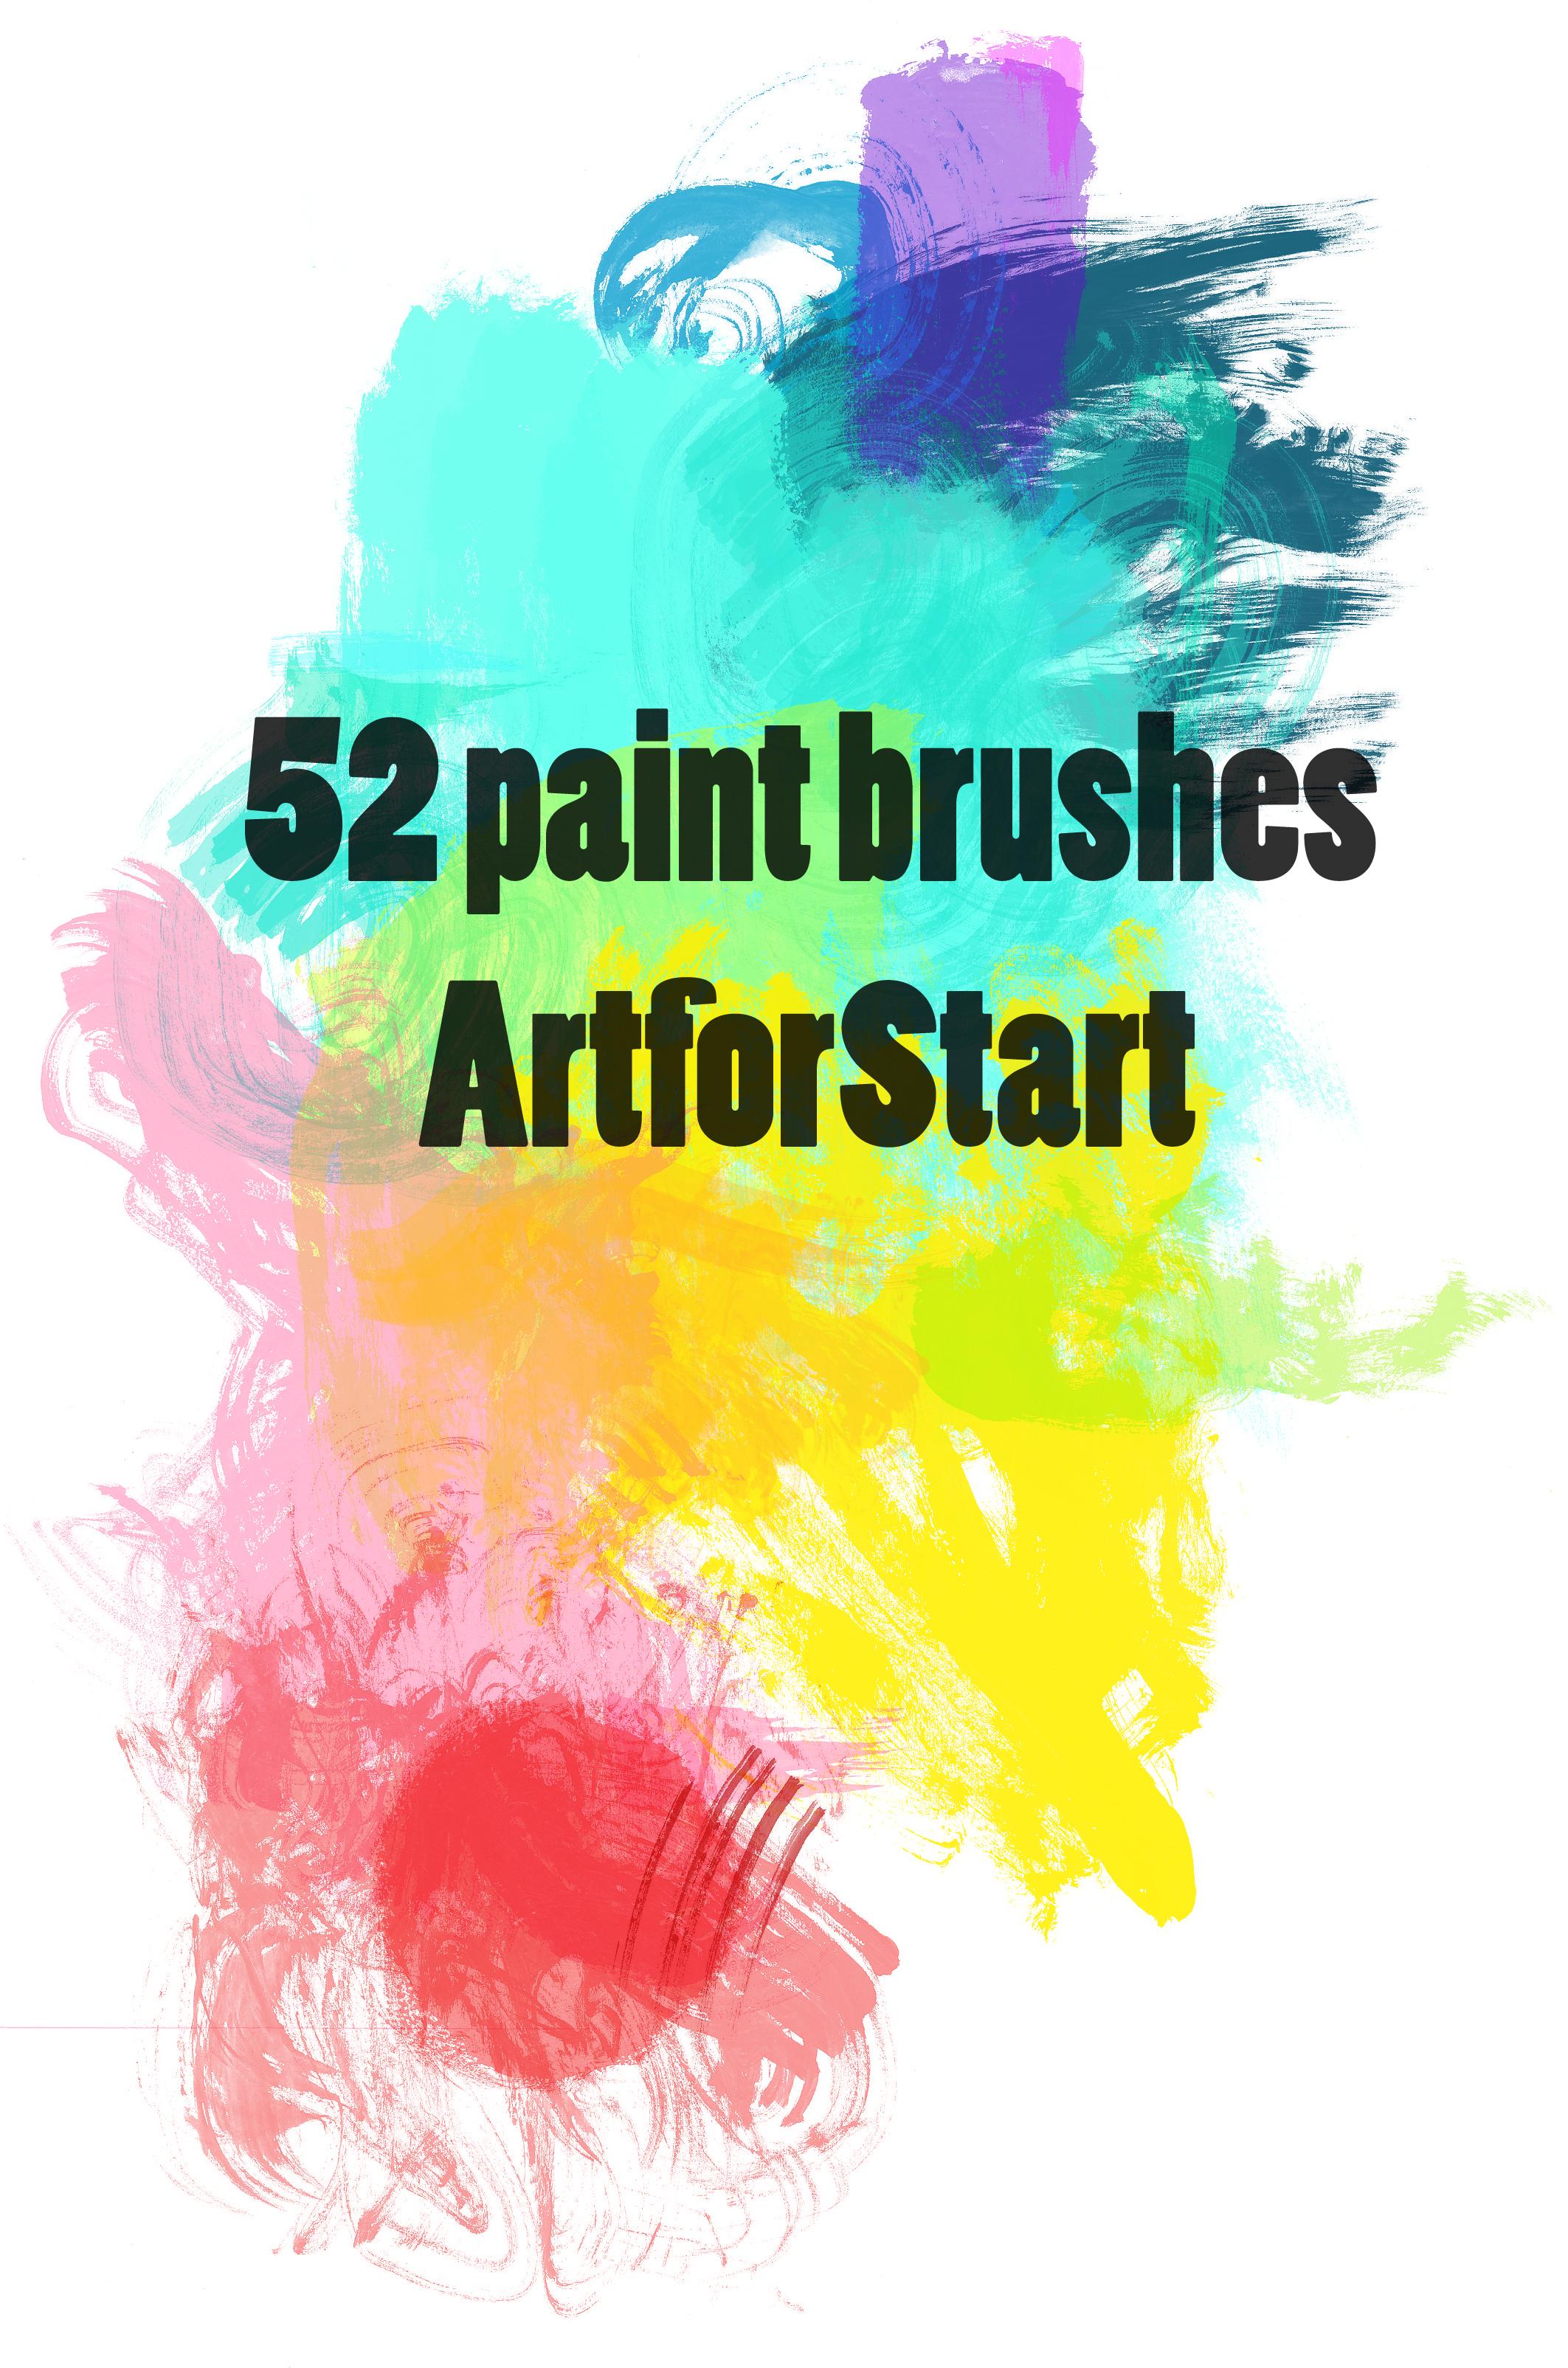 52 paintbrushes